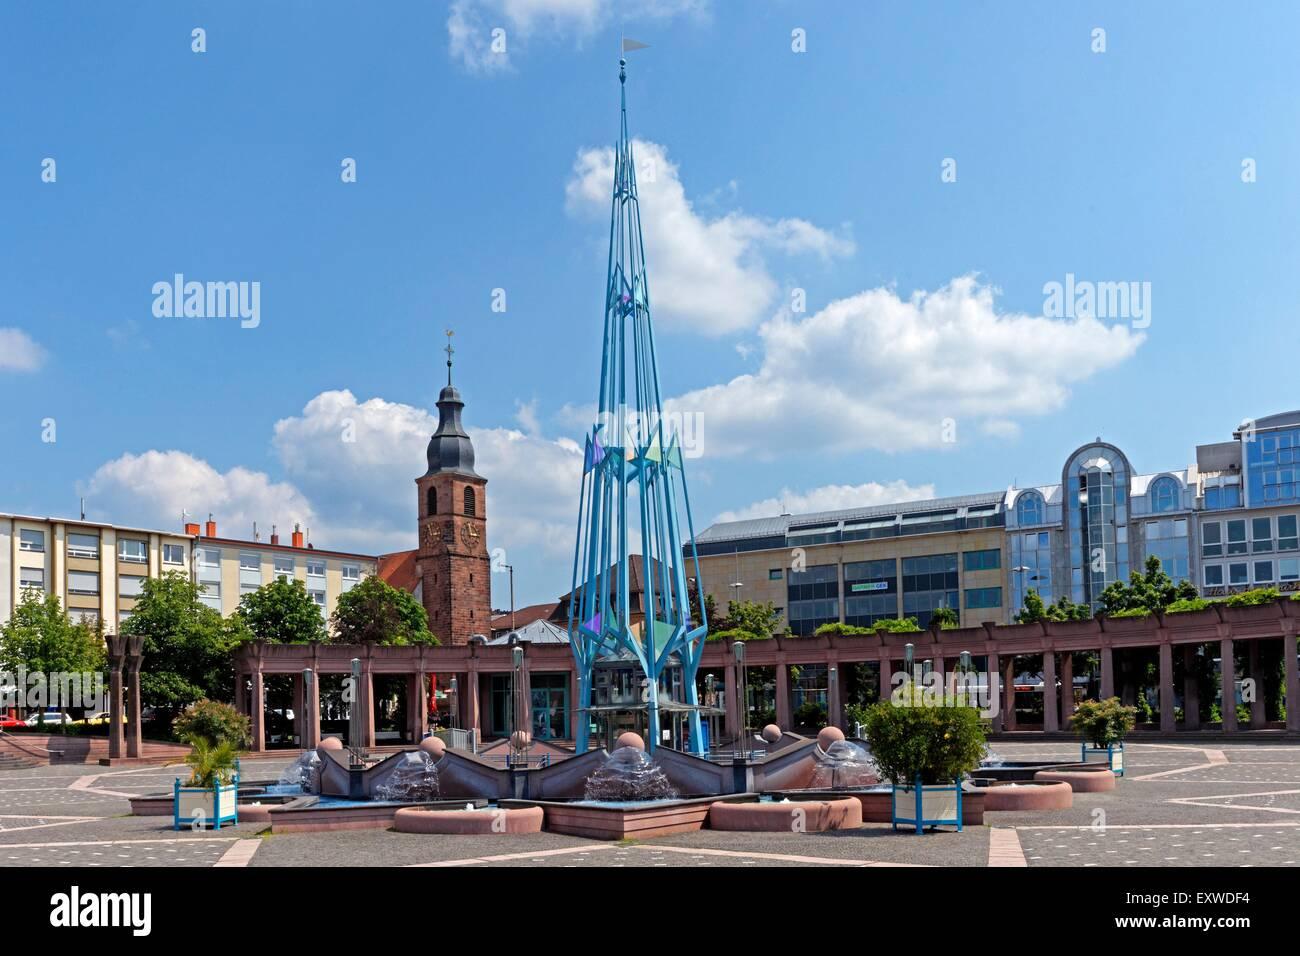 Exerzierplatz in Pirmasens, Rheinland-Pfalz, Deutschland - Stock Image